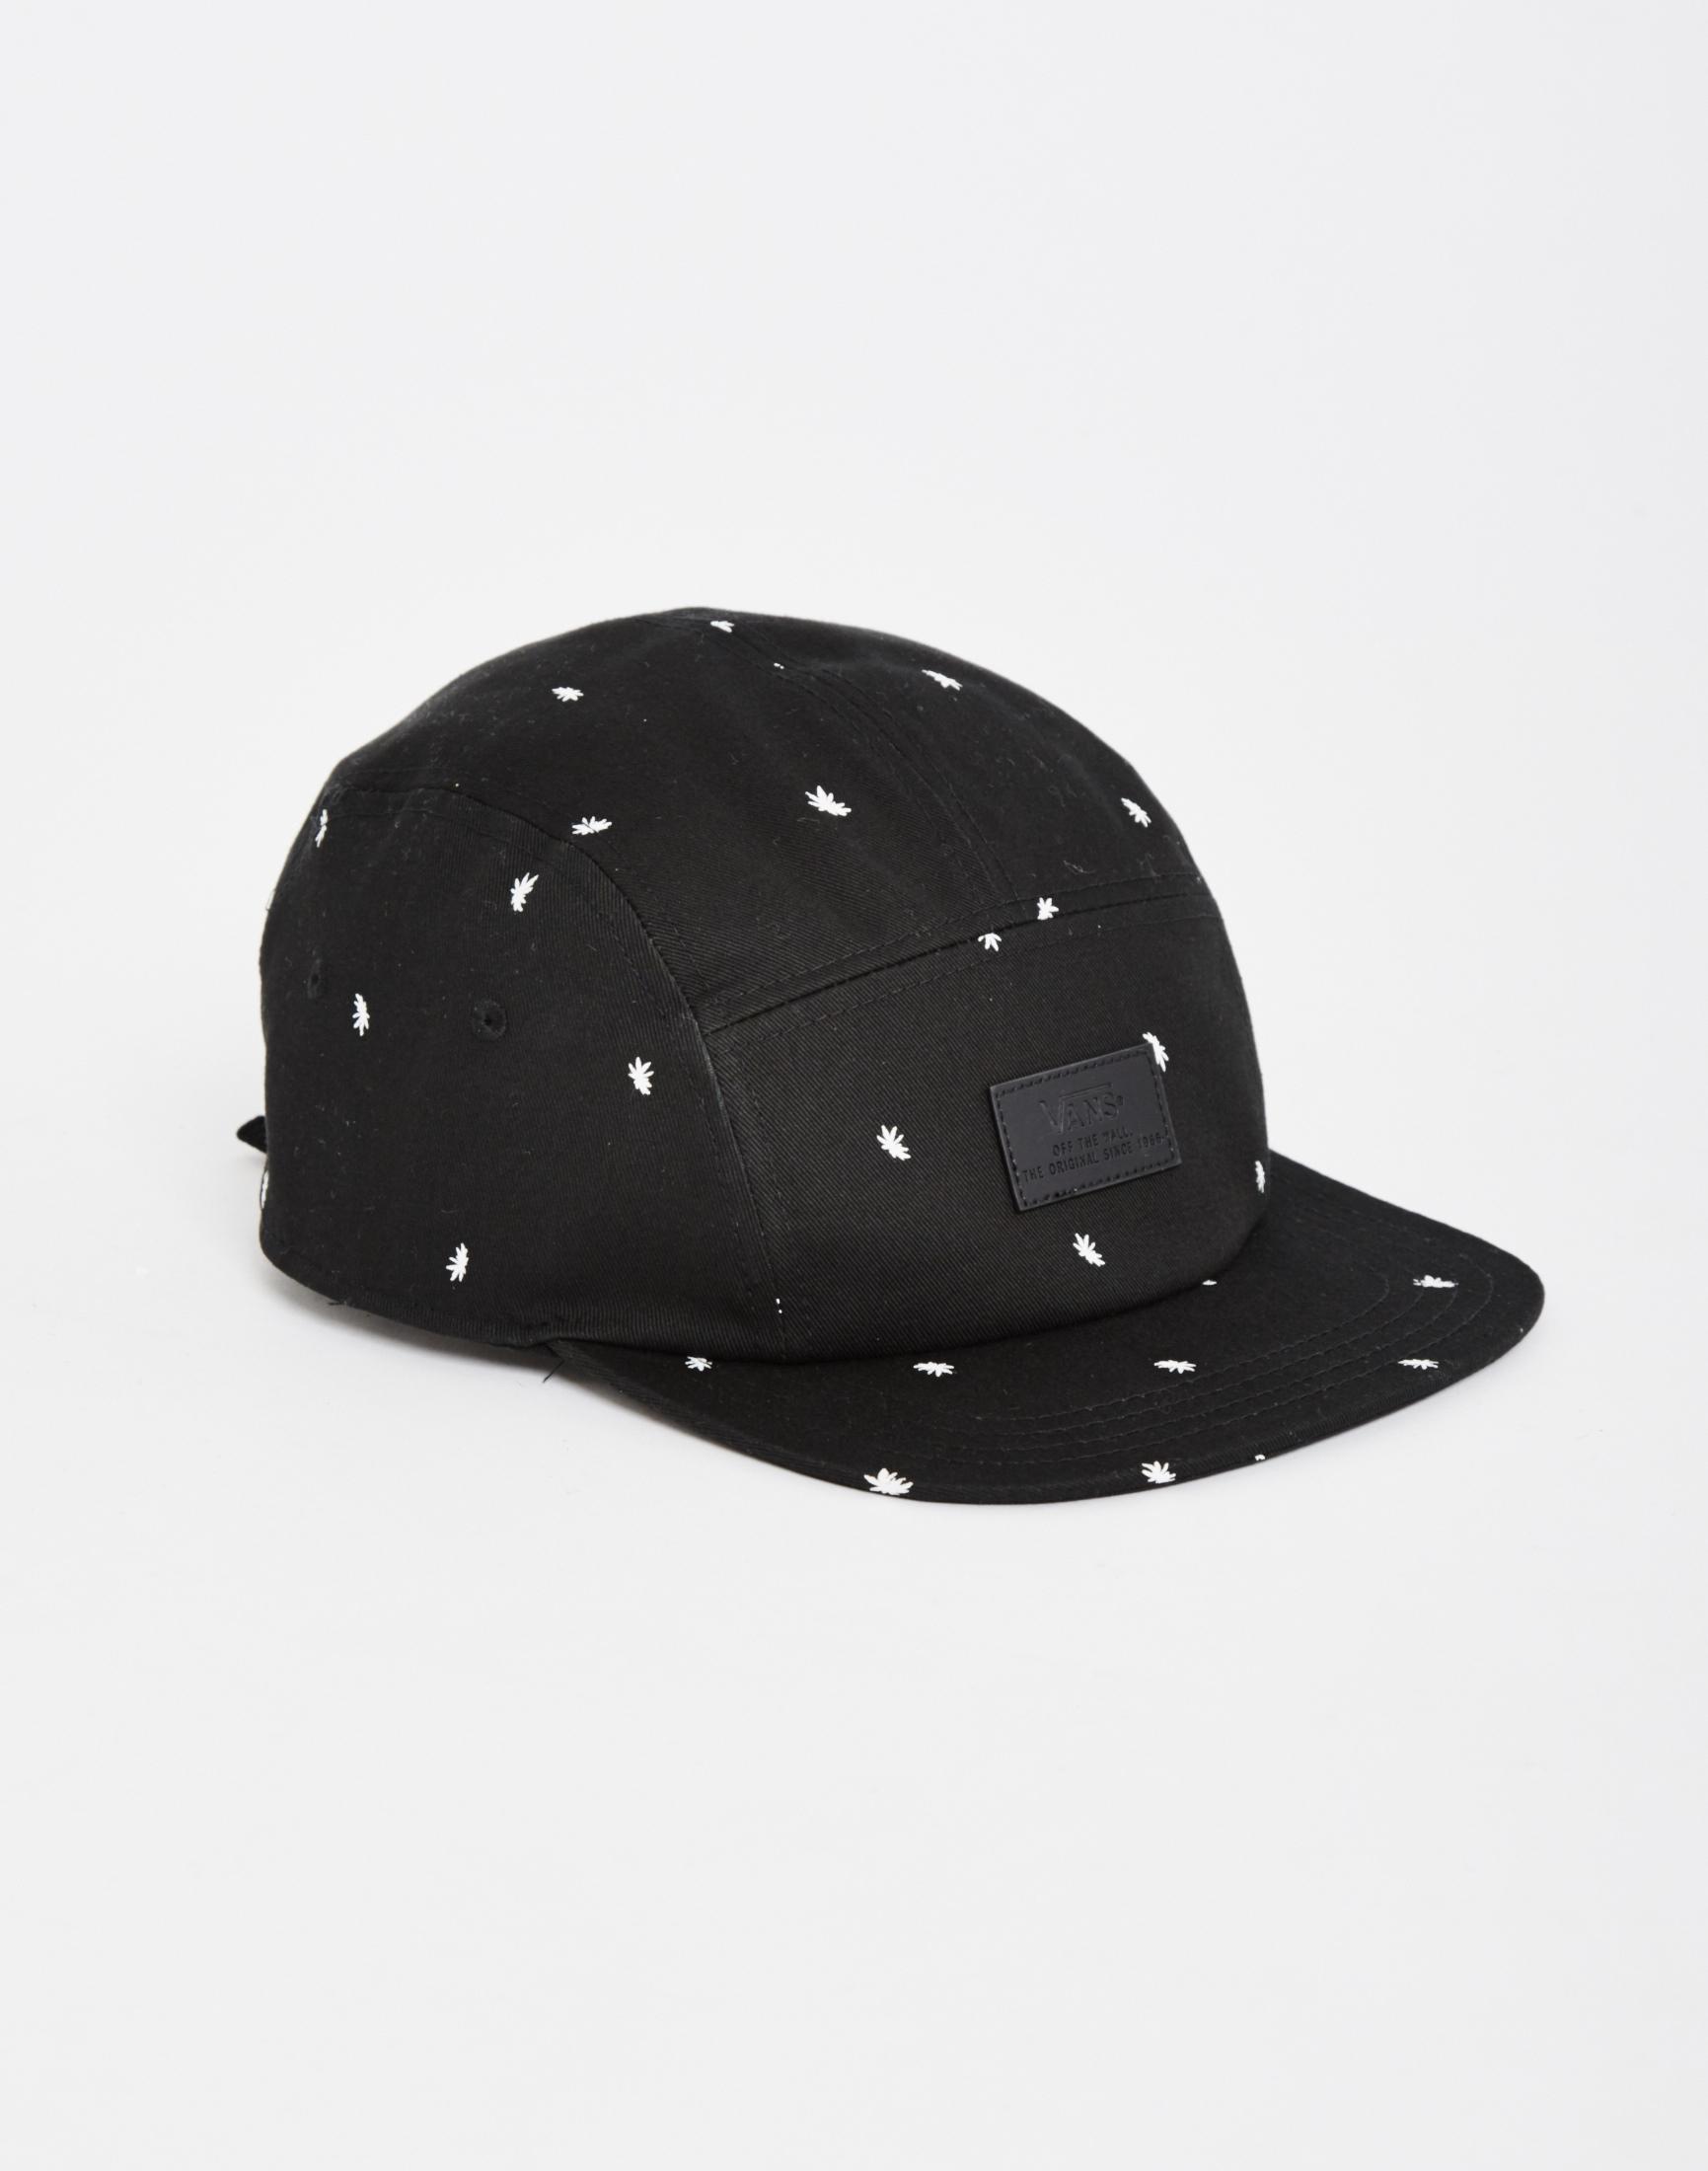 6e111408b5 Lyst - Vans Davis 5-panel Camper Hat in Black for Men